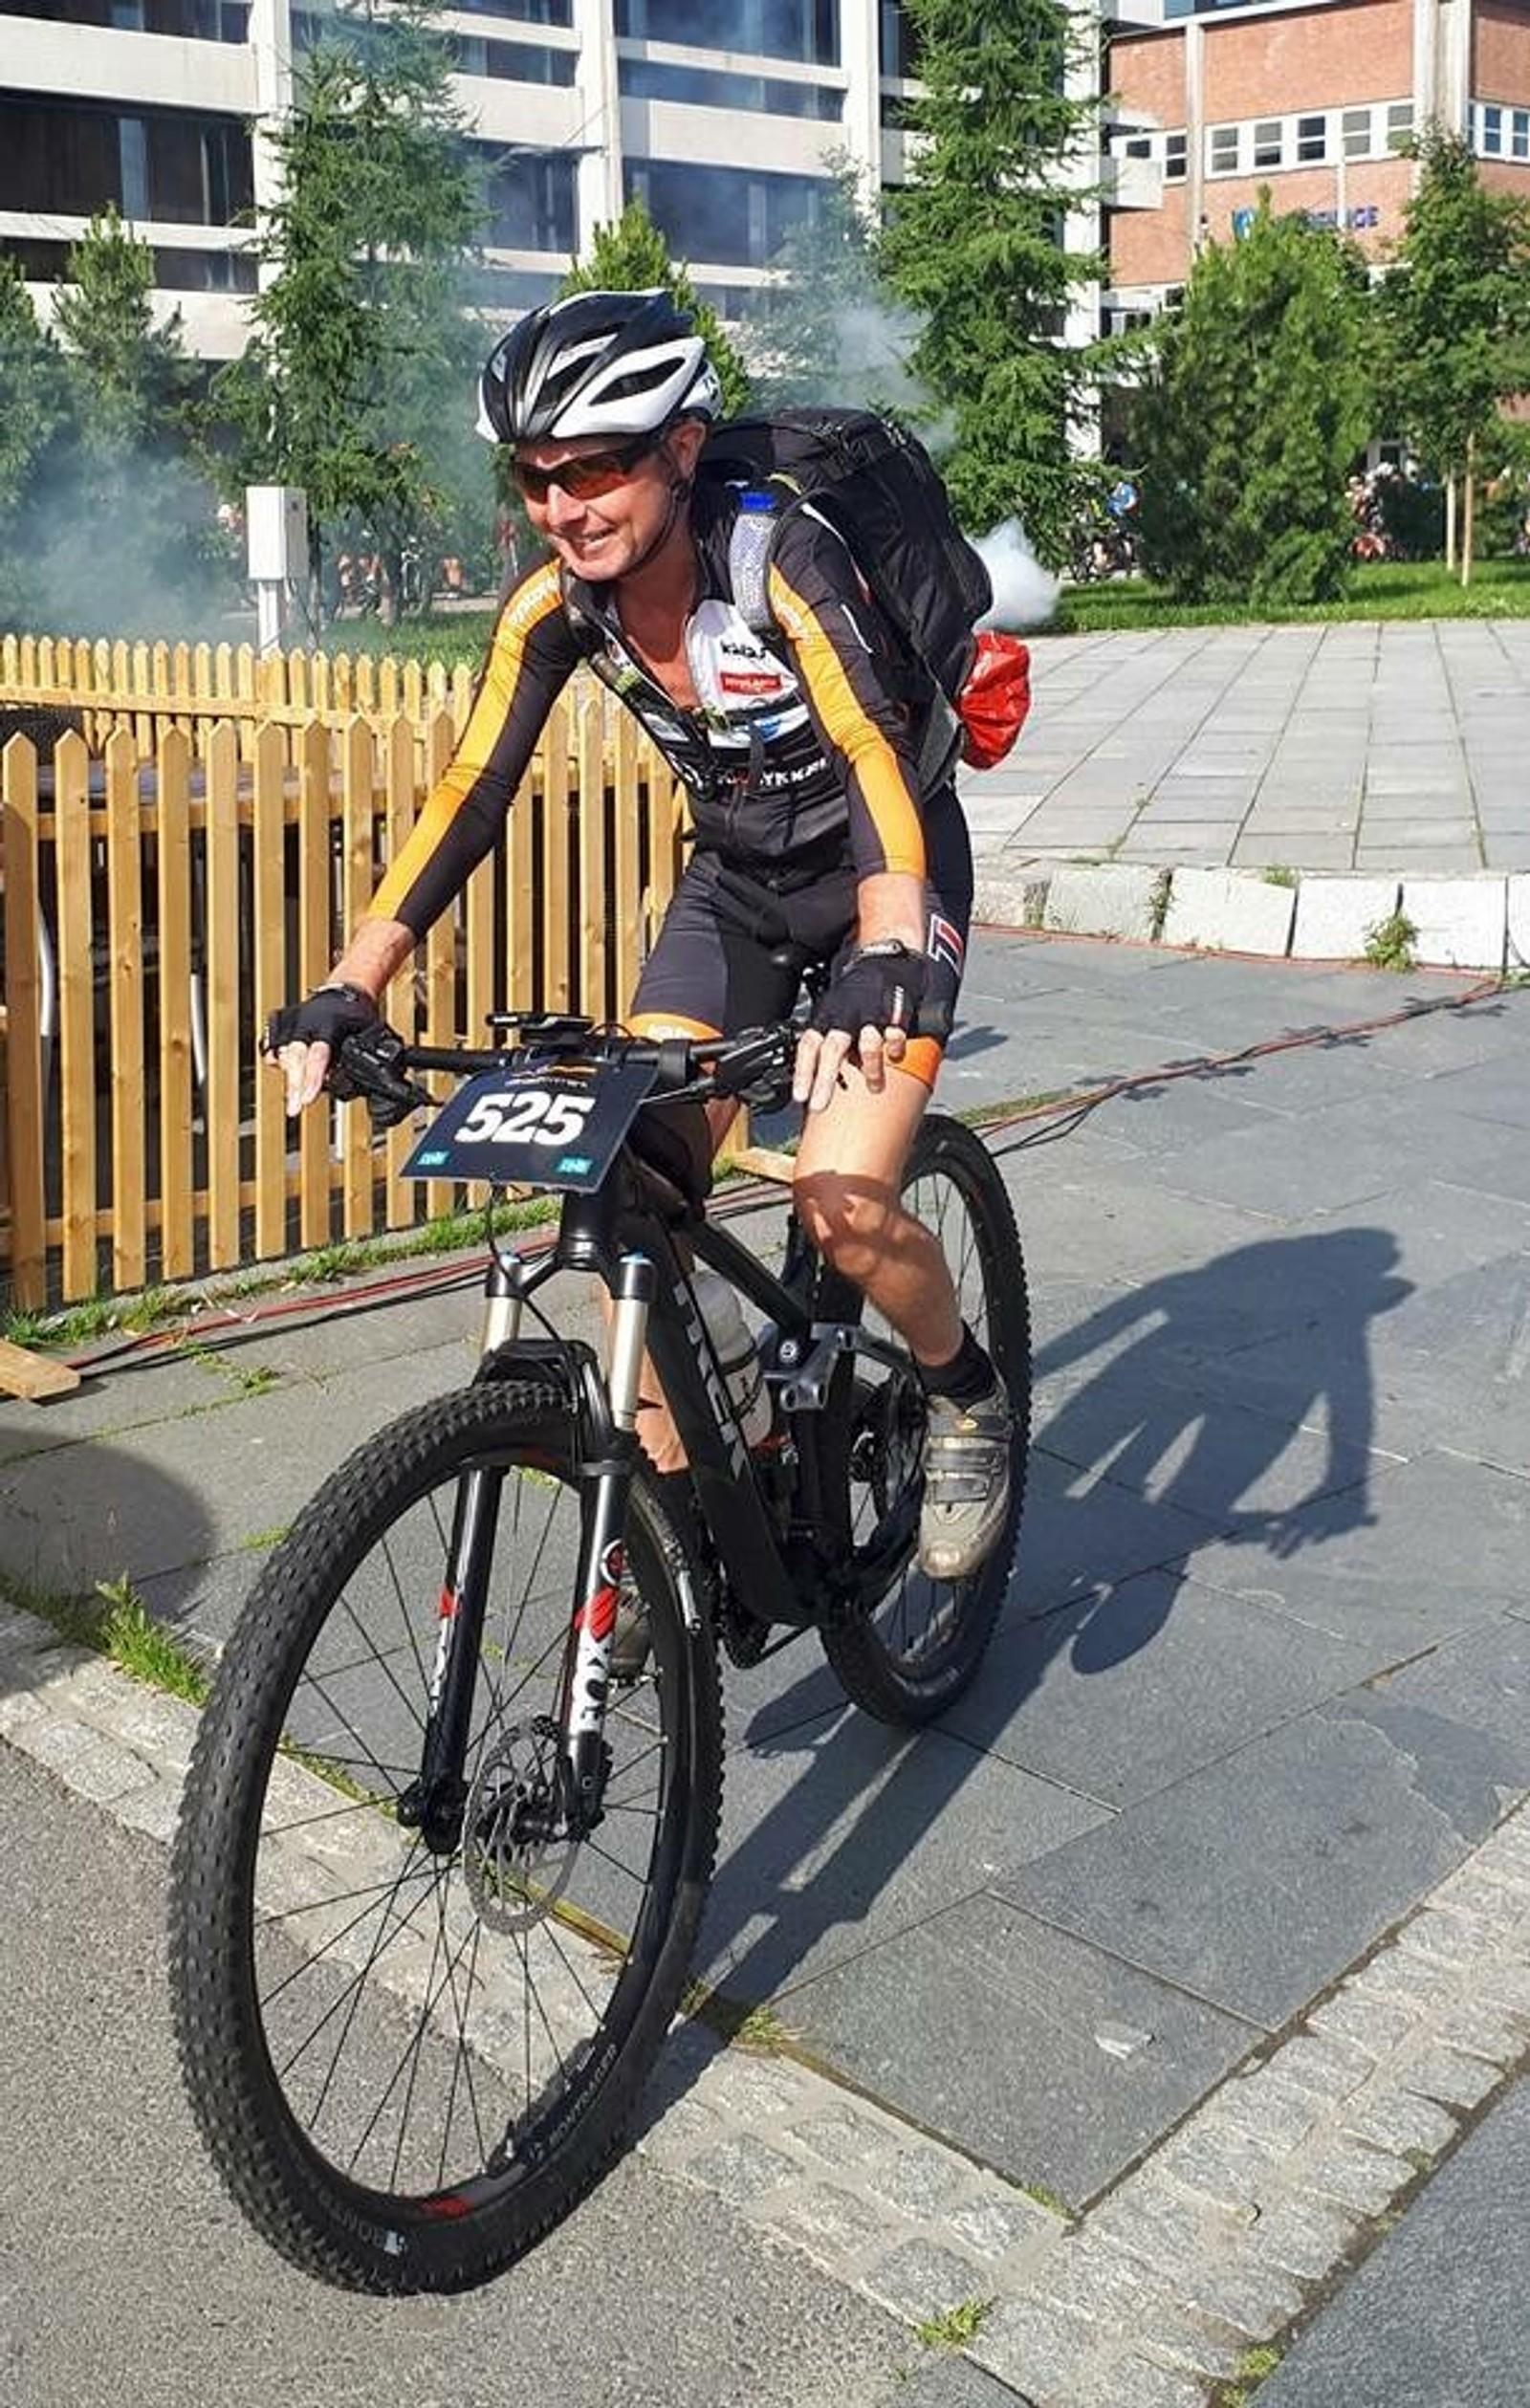 I slutten av juli var Jens Ingvald for første gang med på Offroad Finnmark som er 150 kilometers langt sykkelritt. – Det er en fordel å holde seg i fysisk aktivitet og i god form så man har kondisjon til dette arbeidet.